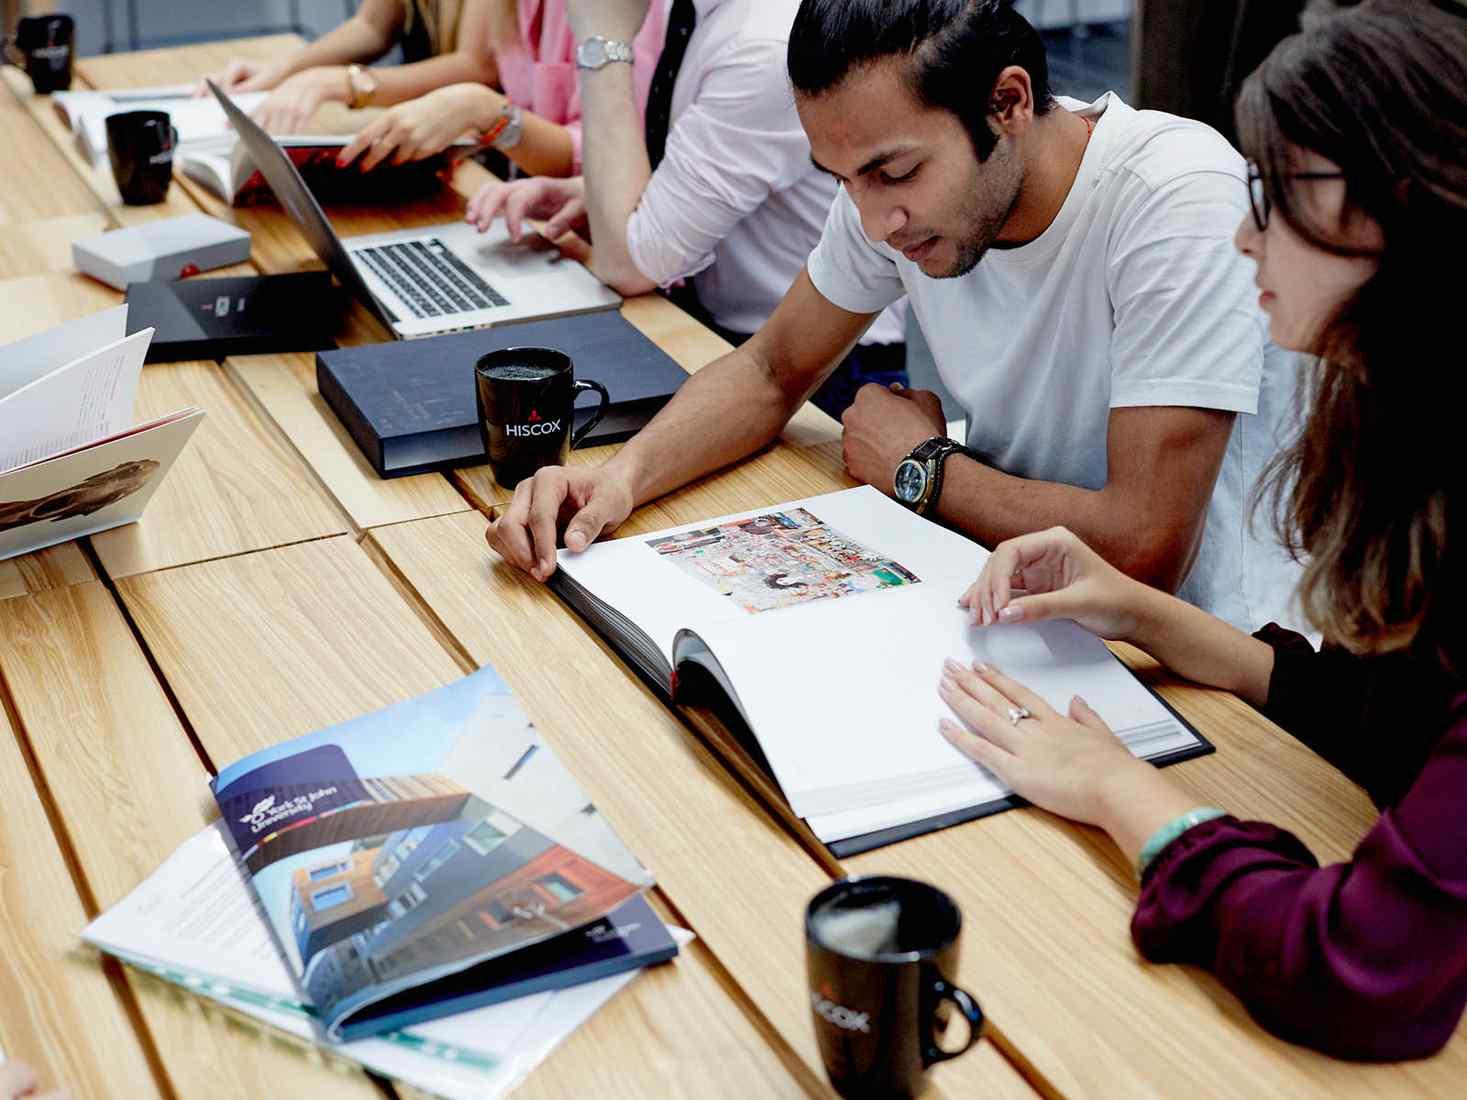 Students looking at book in seminar